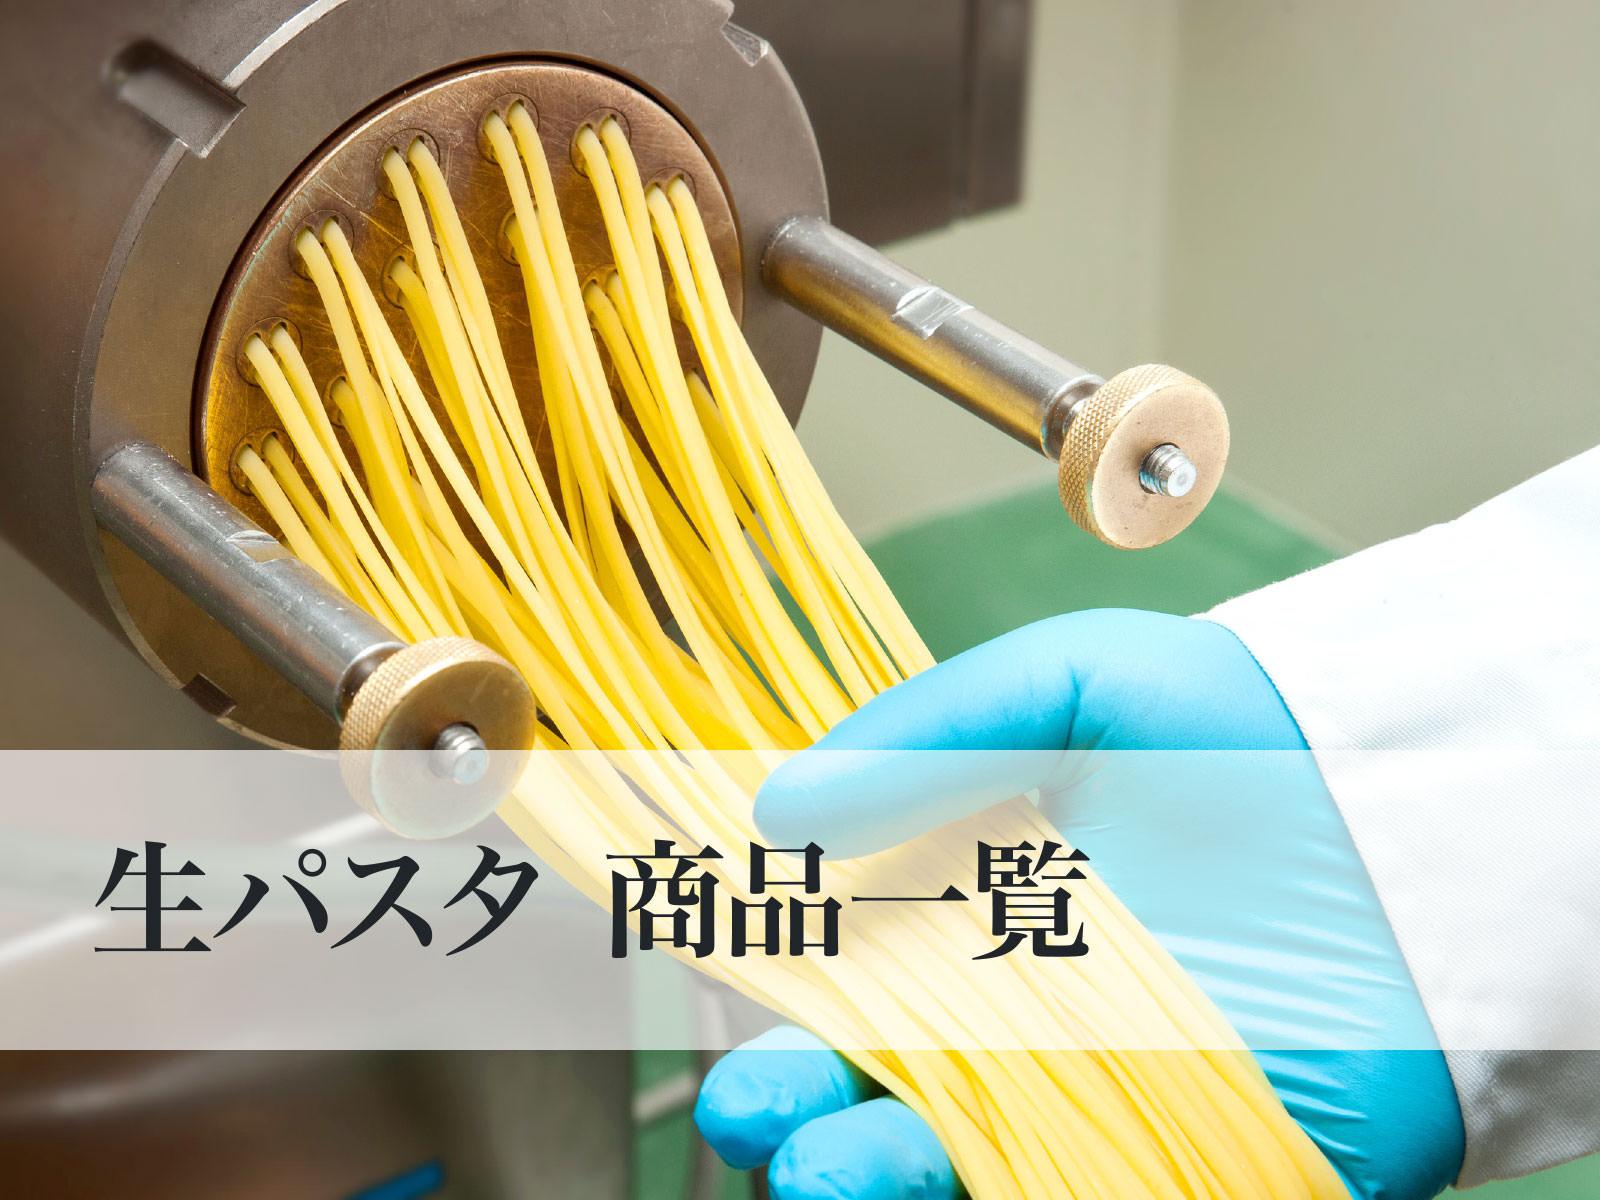 業務用 本格 生パスタ スパゲッティ リングイネ 商品一覧